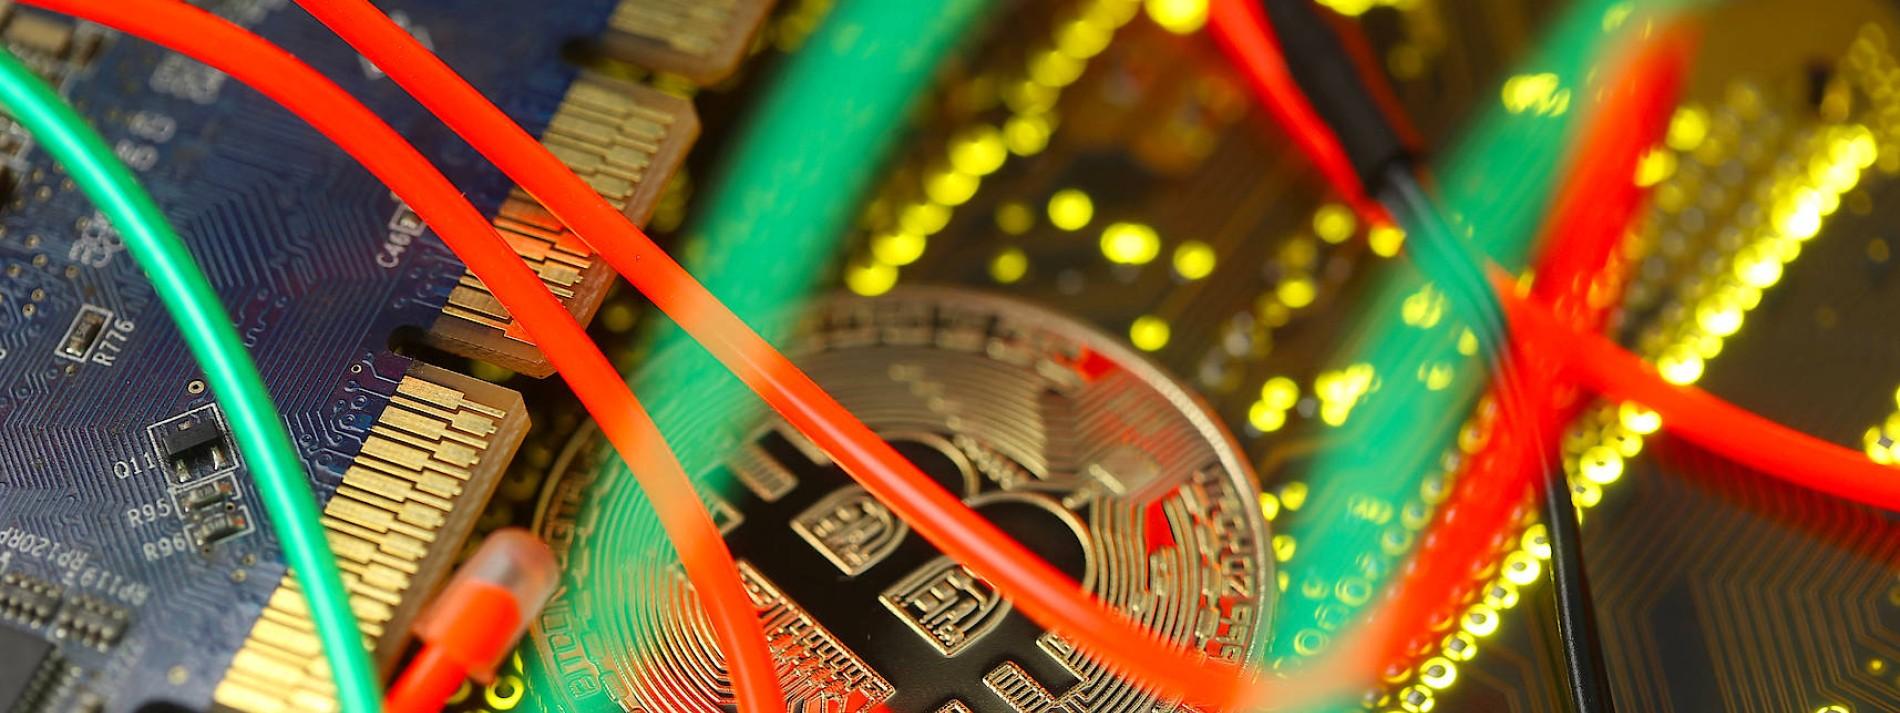 Lloyds verbietet Bitcoin-Käufe mit Kreditkarte